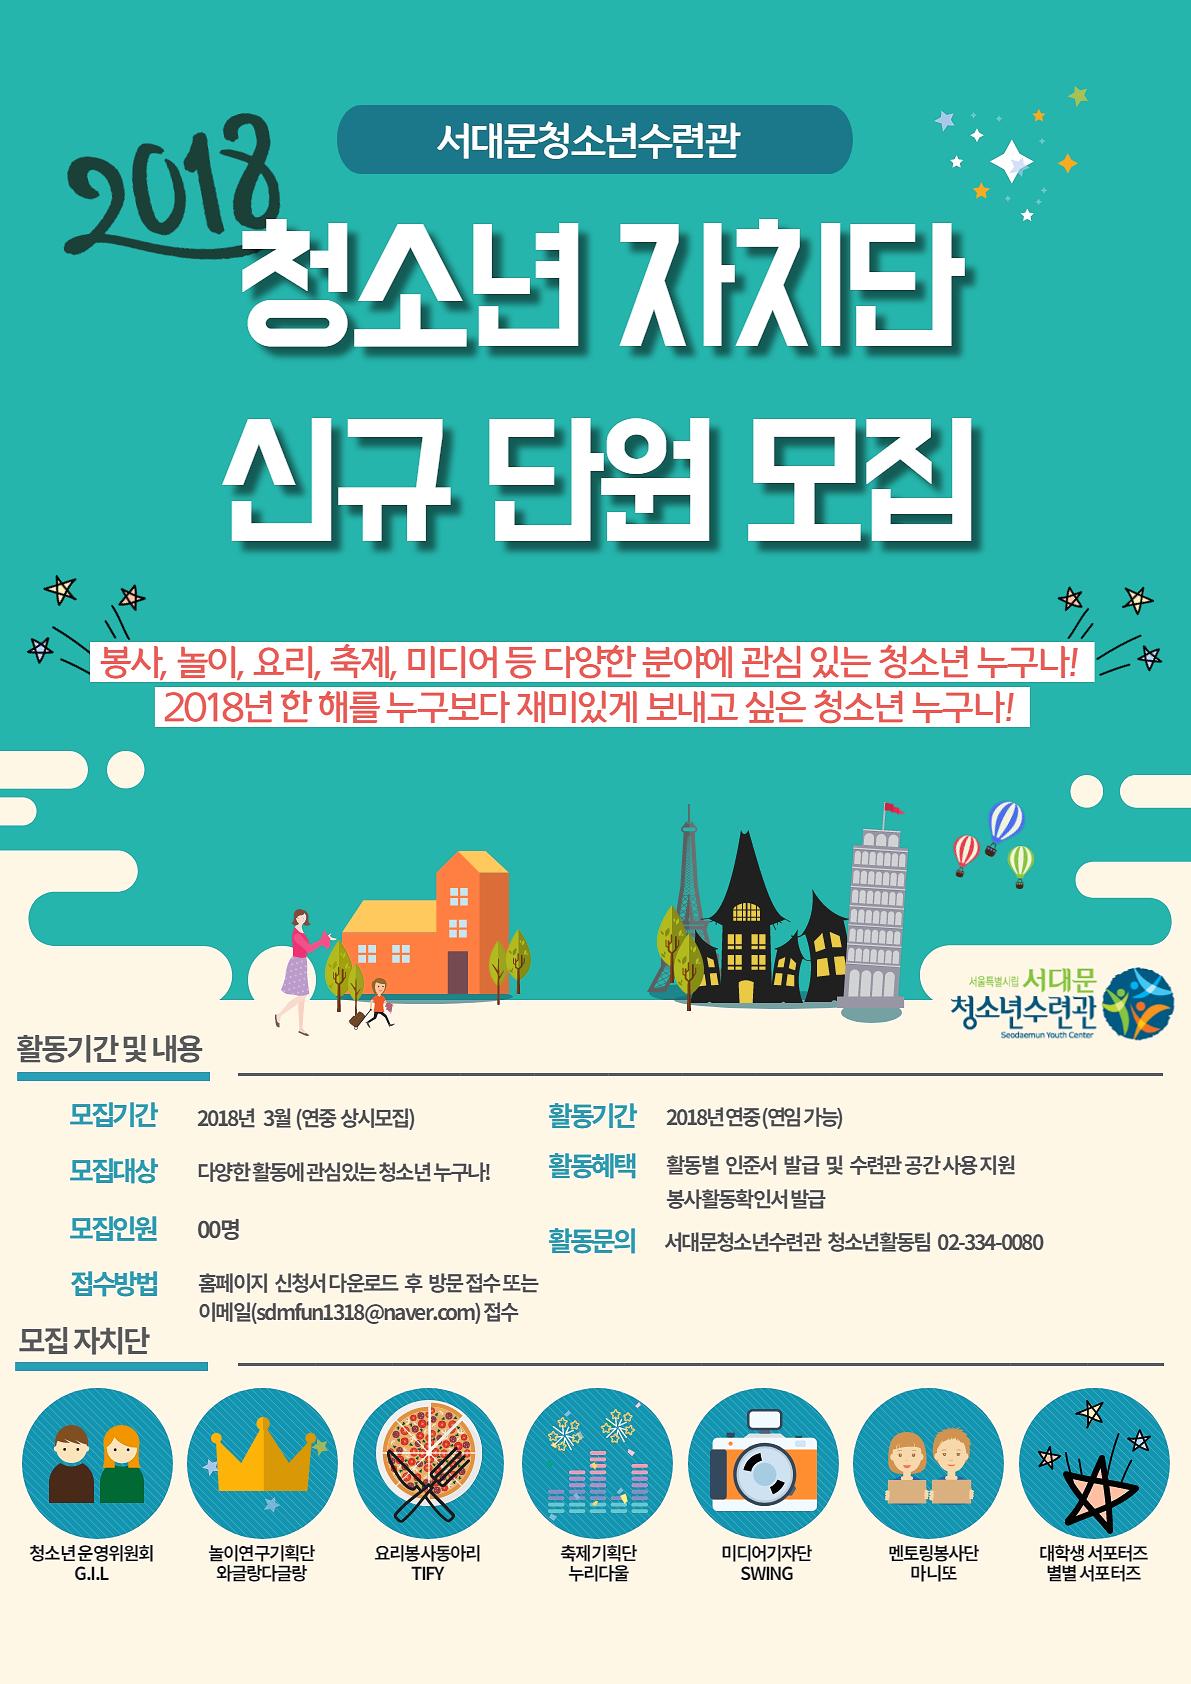 180306 자치단 홍보지.png